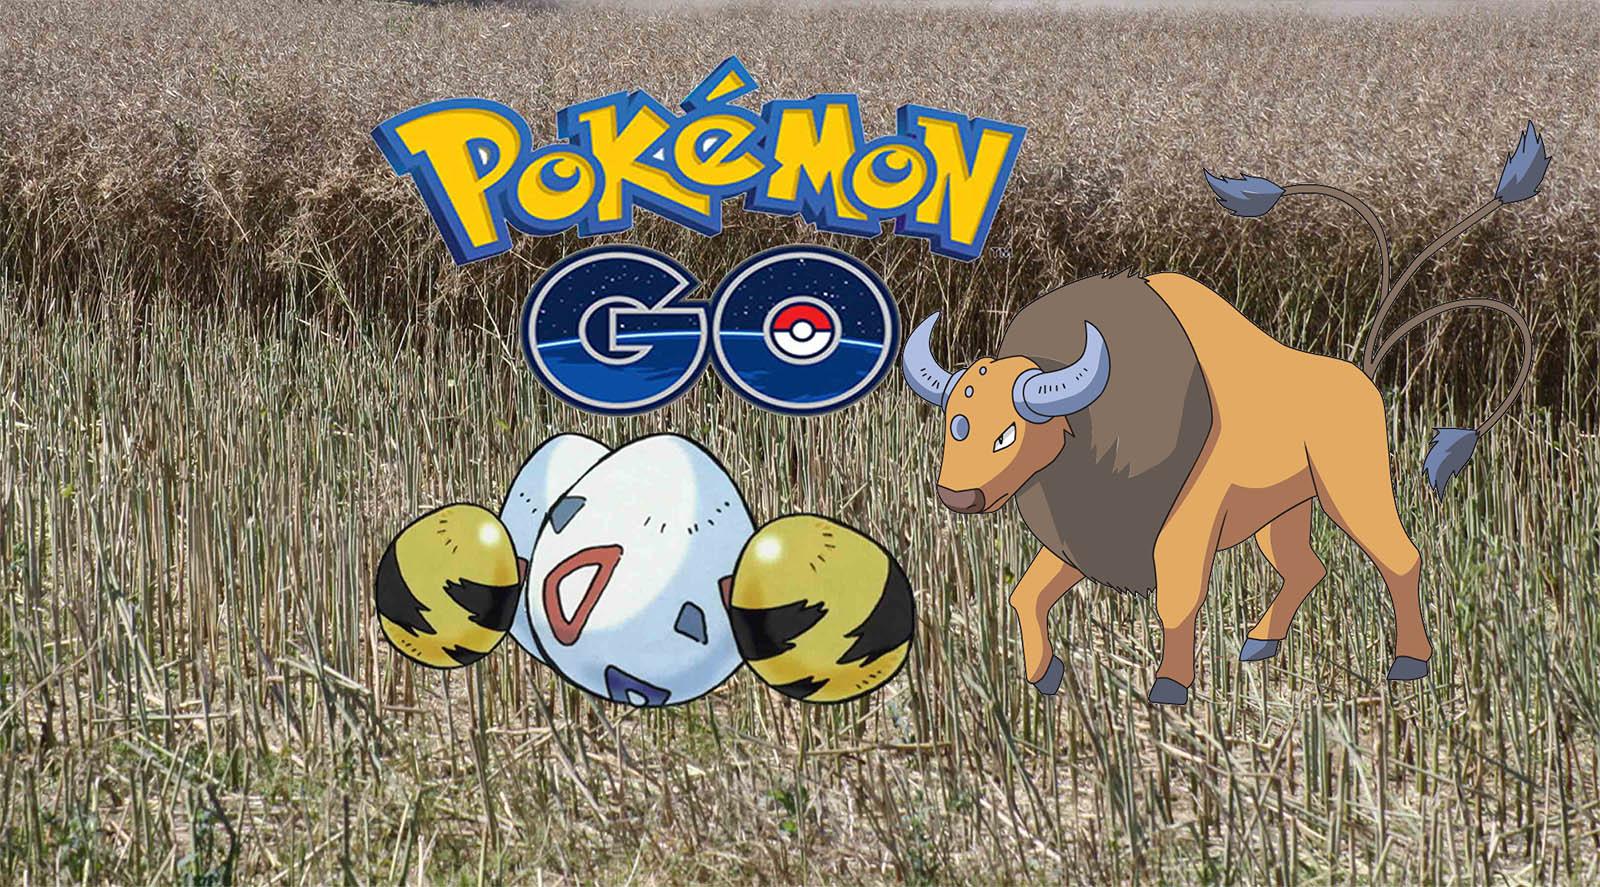 Pokémon GO: Regionsabhängige Pokémon aus Eiern in Deutschland?